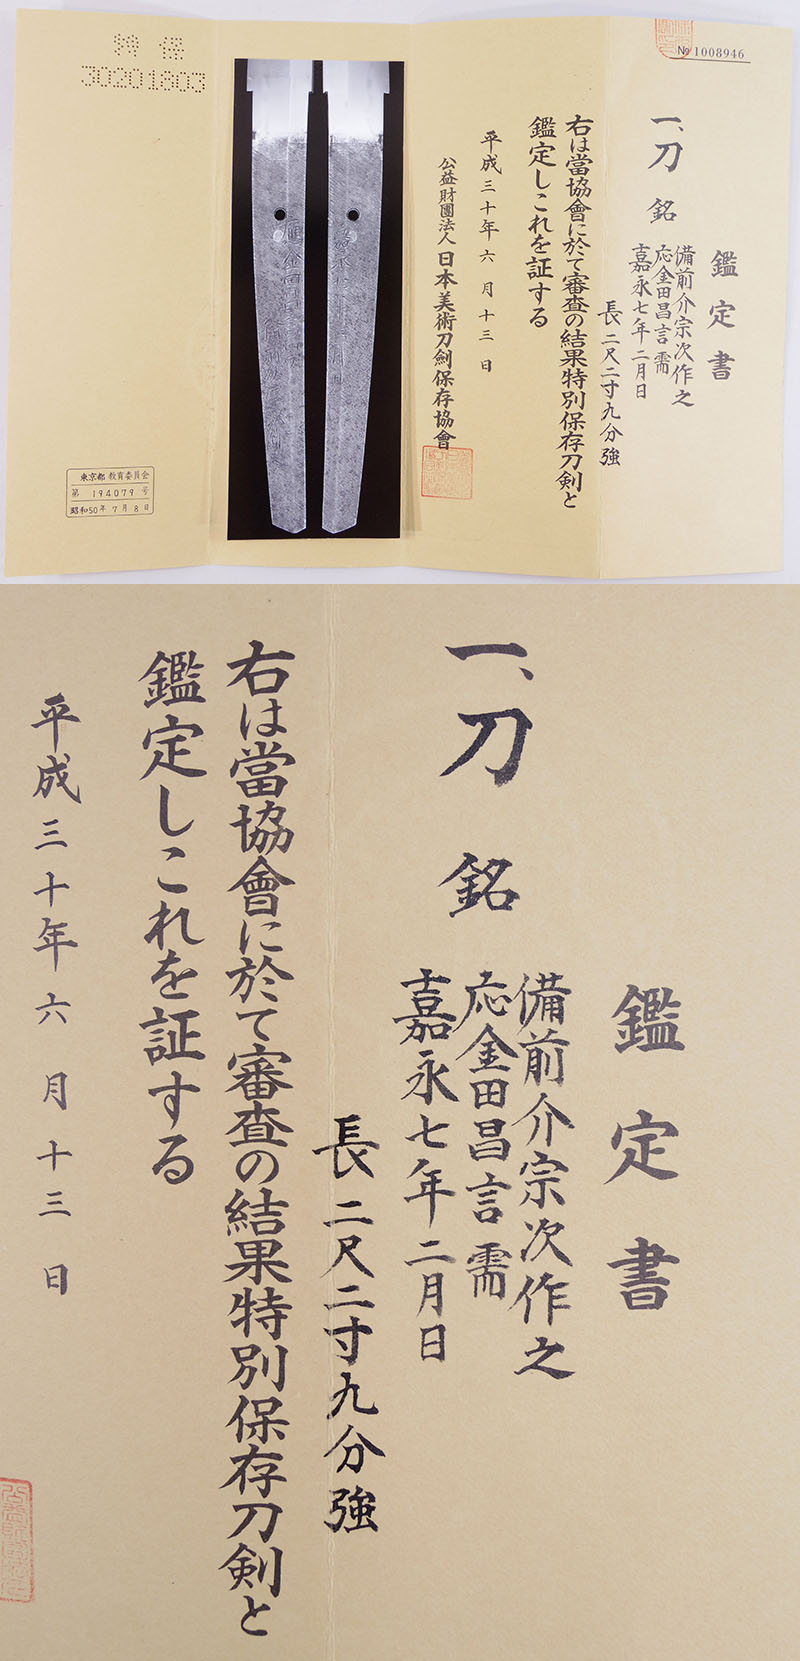 応金田昌言需 備前介宗次作之 Picture of Certificate